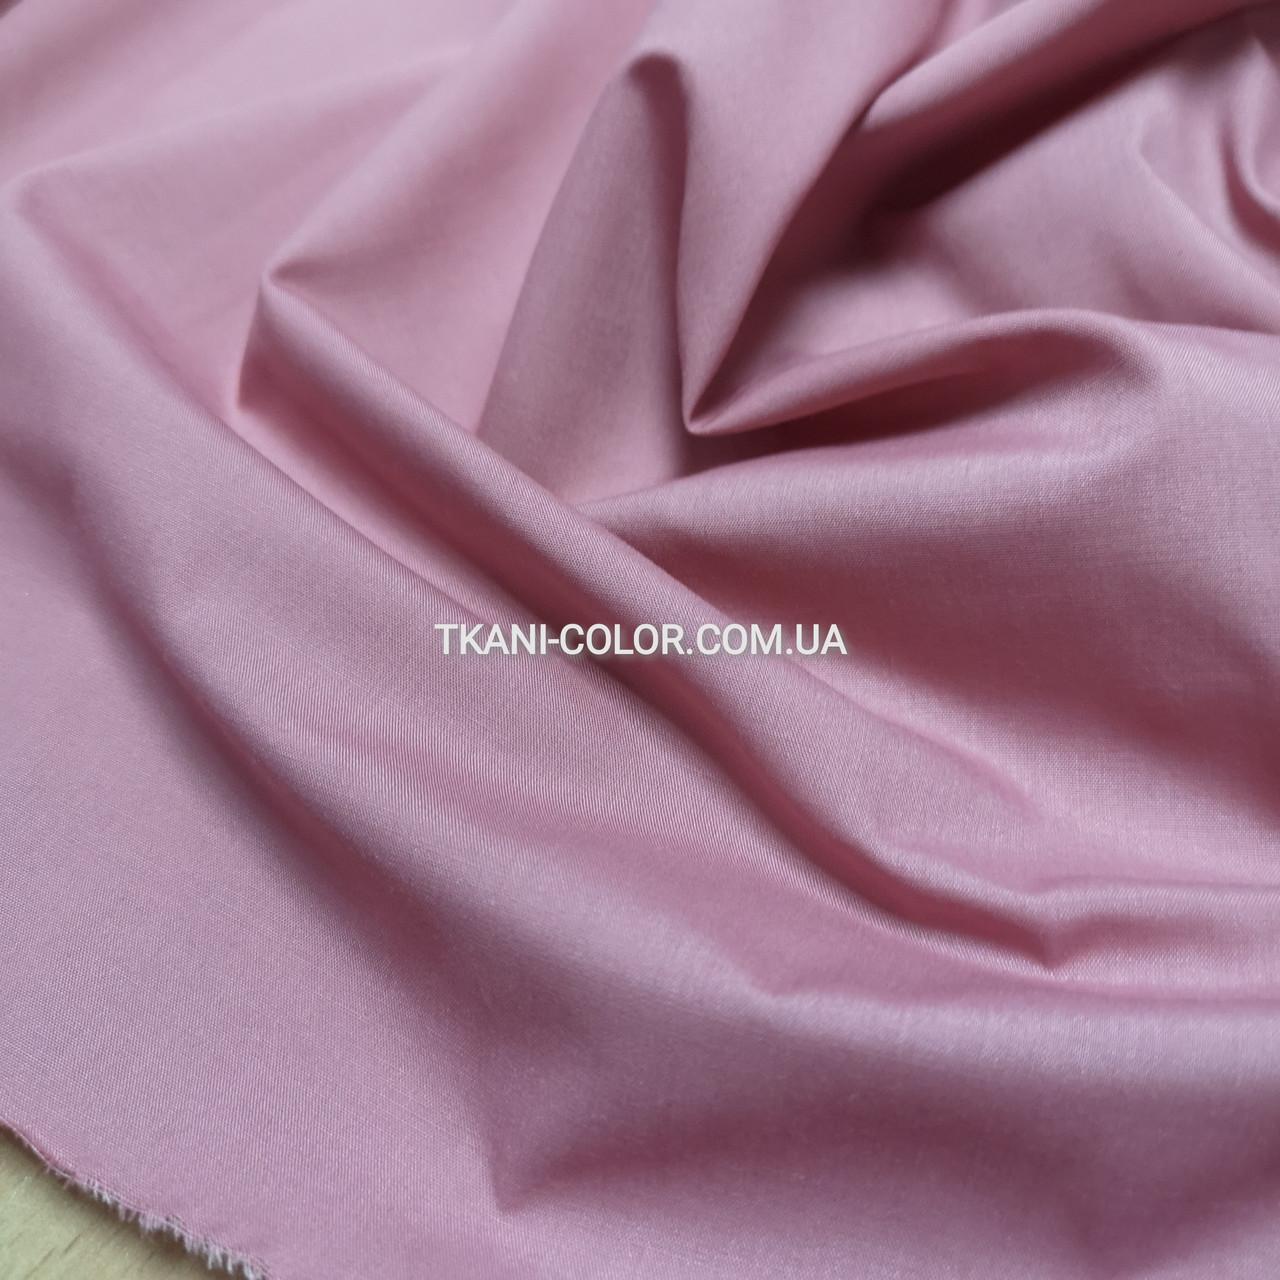 Рубашечная ткань фрез